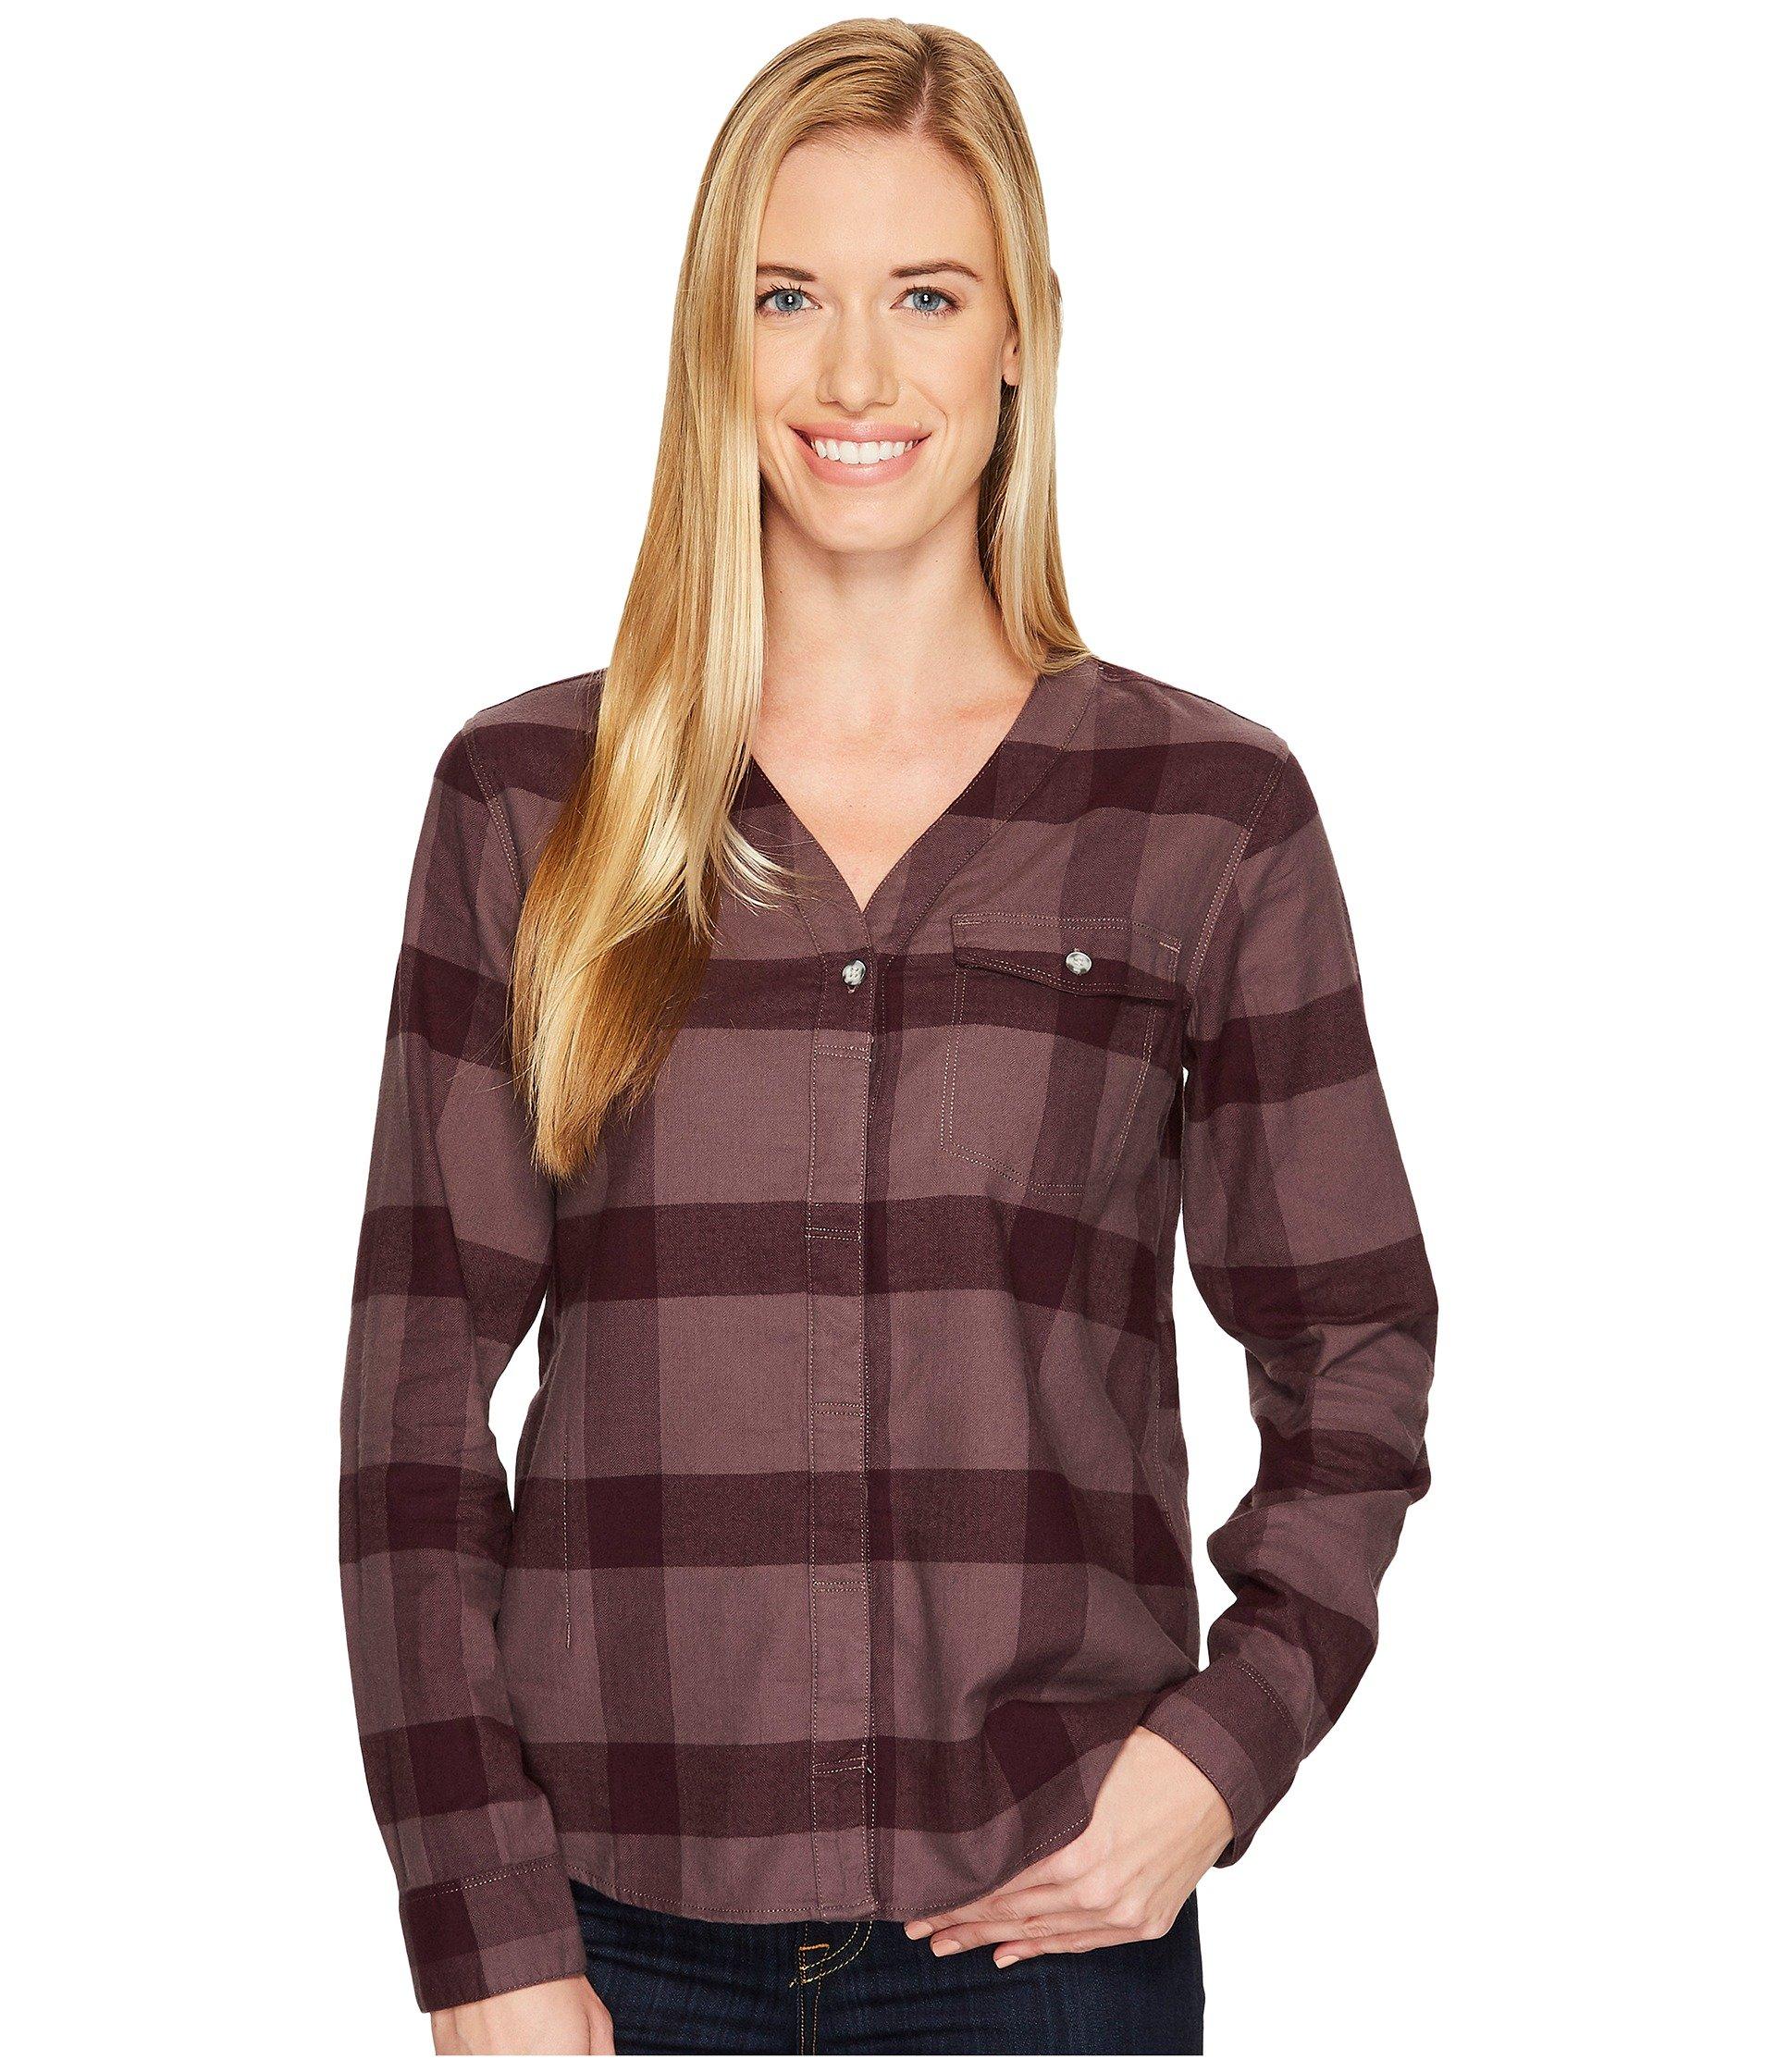 MOUNTAIN HARDWEAR Pt. Isabel Long Sleeve Shirt, Purple Sage